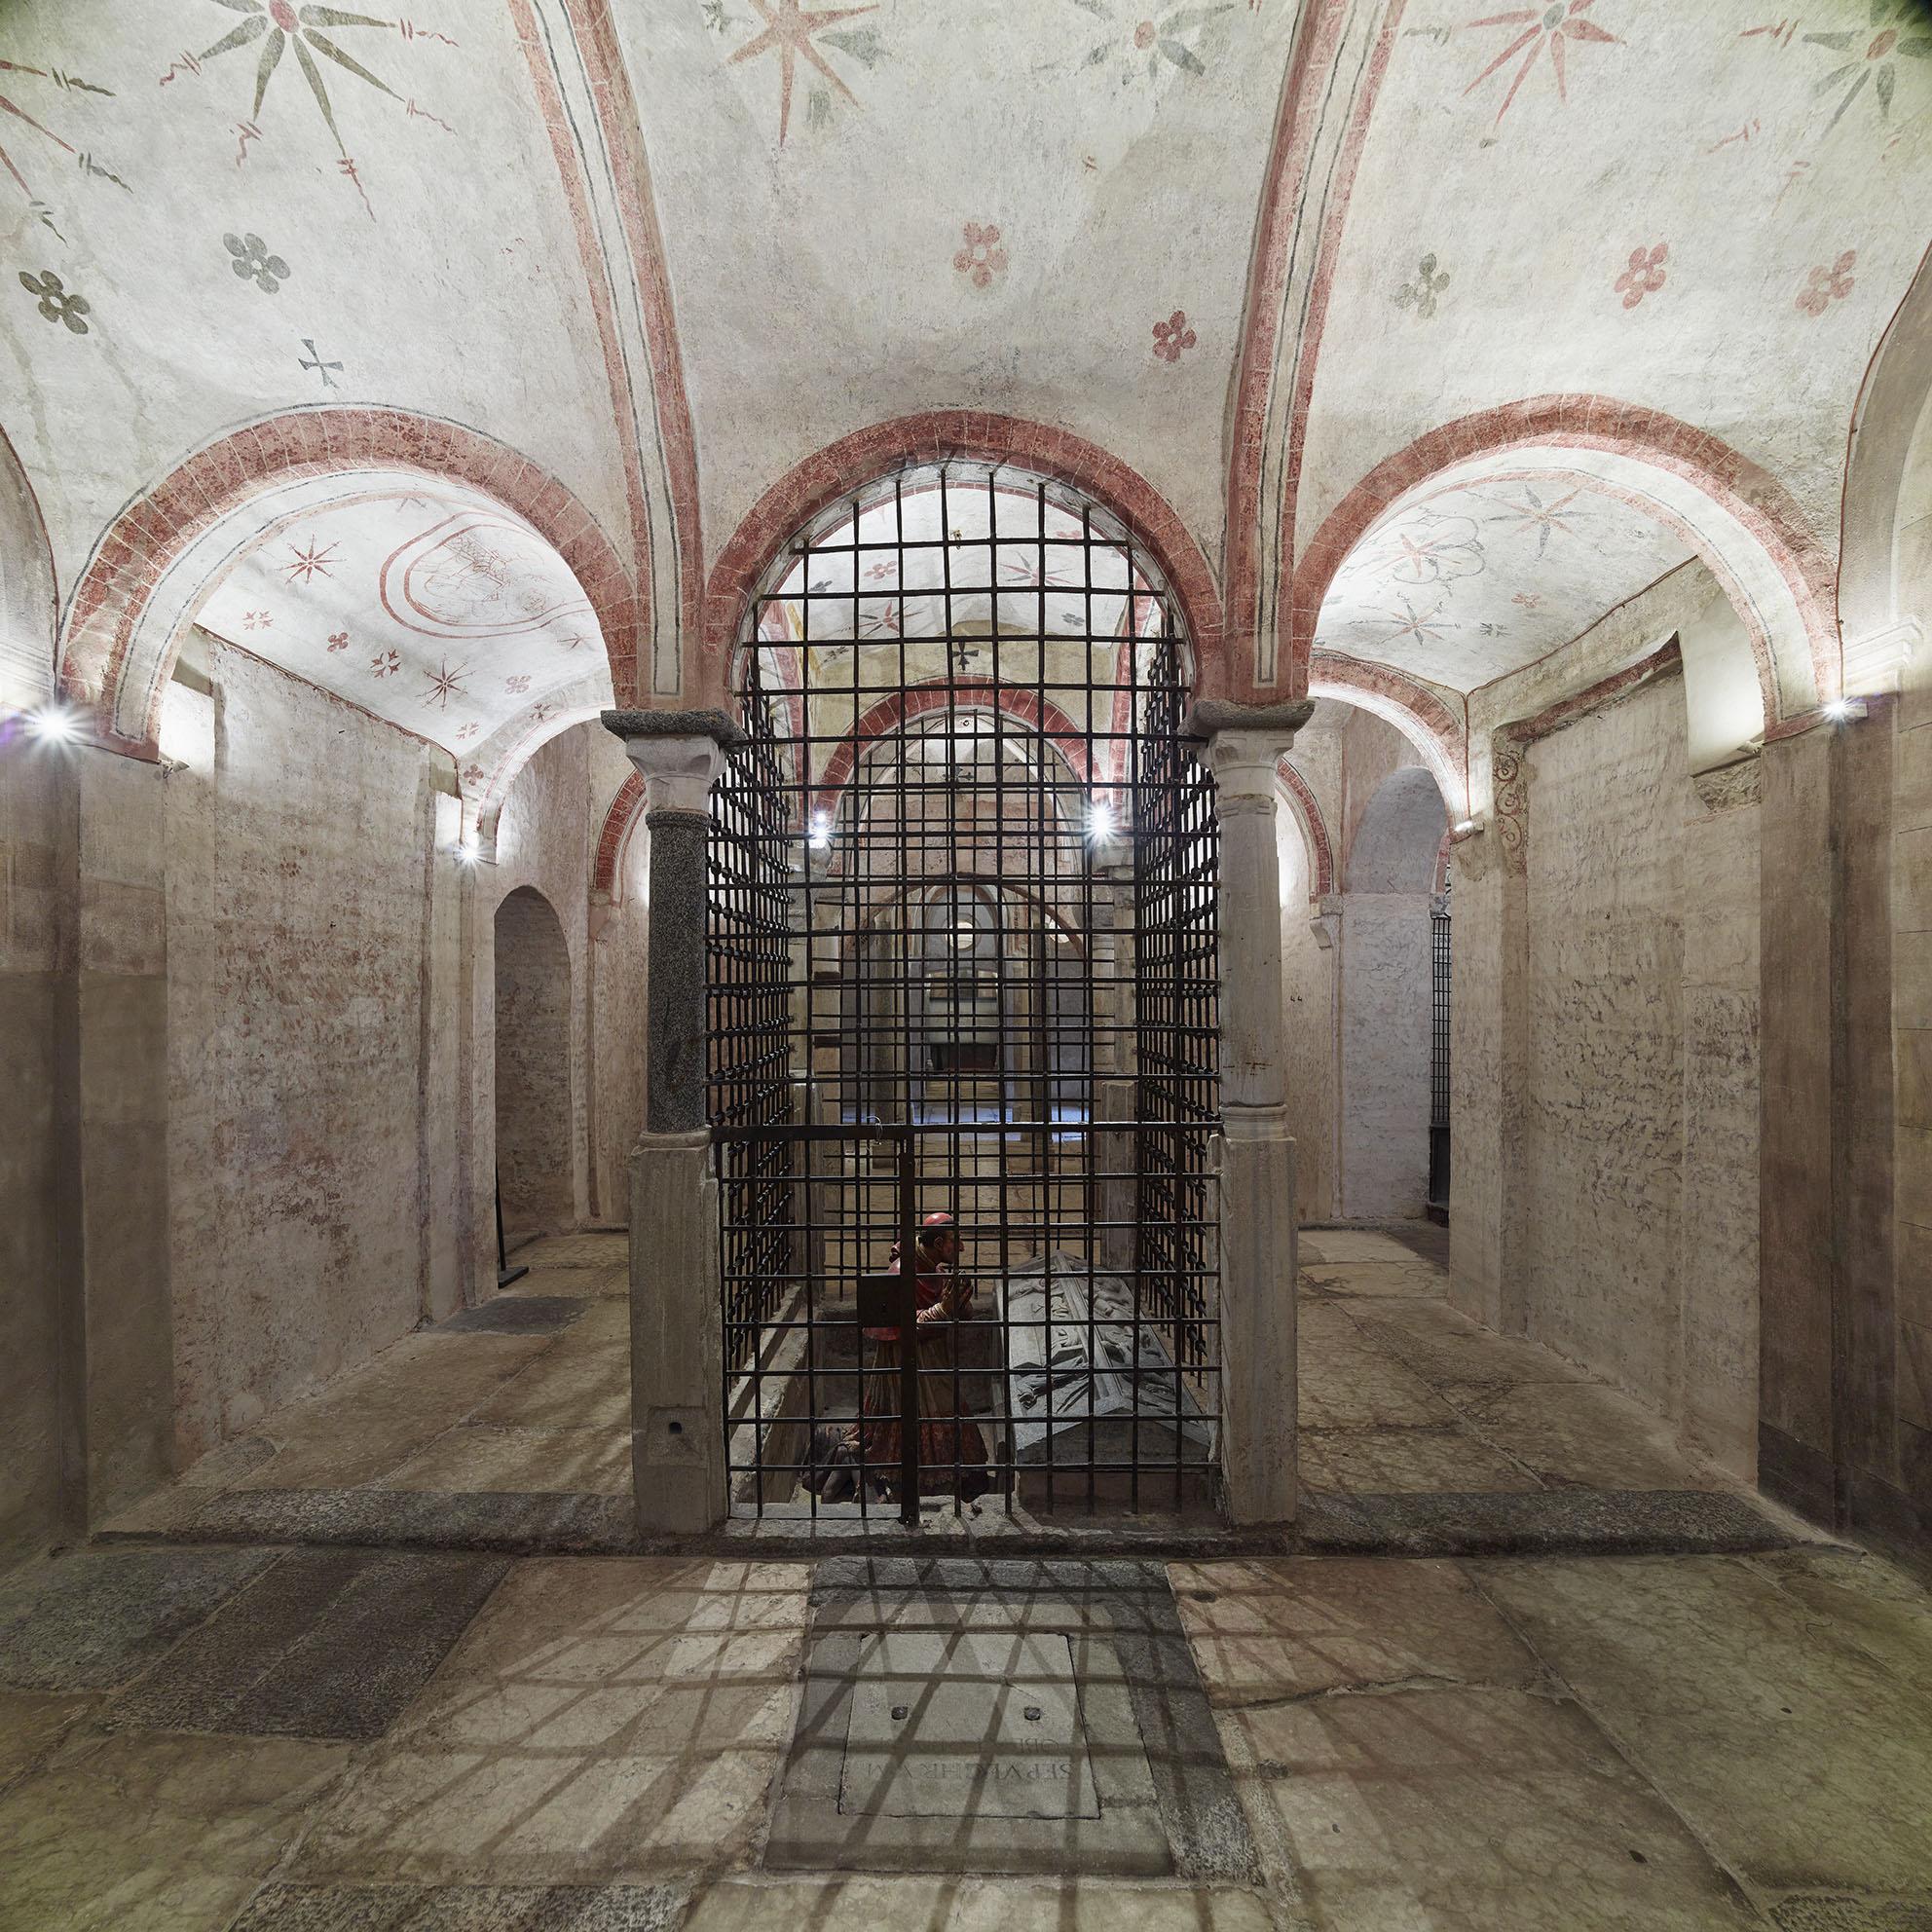 Importante scoperta a Milano: emergono affreschi medievali dal restauro della chiesa di San Sepolcro